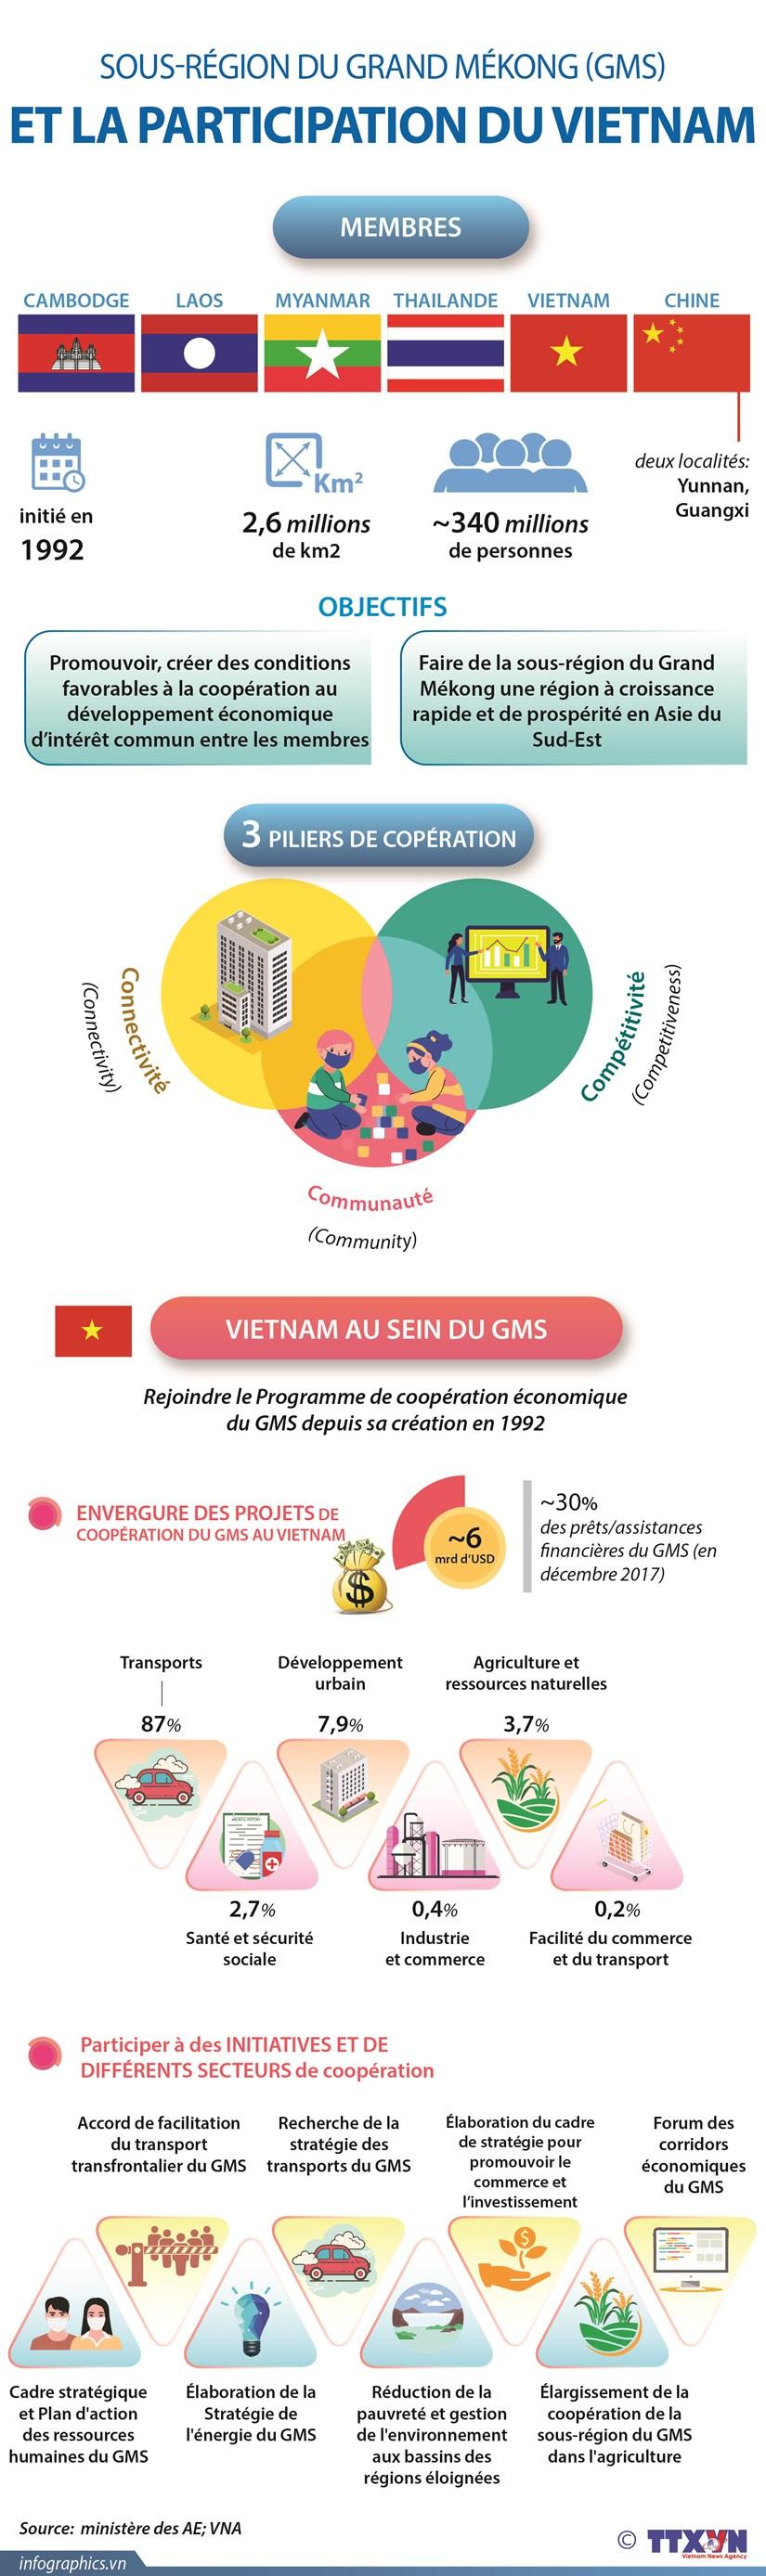 Sous-region du Grand Mekong et la participation du Vietnam hinh anh 1